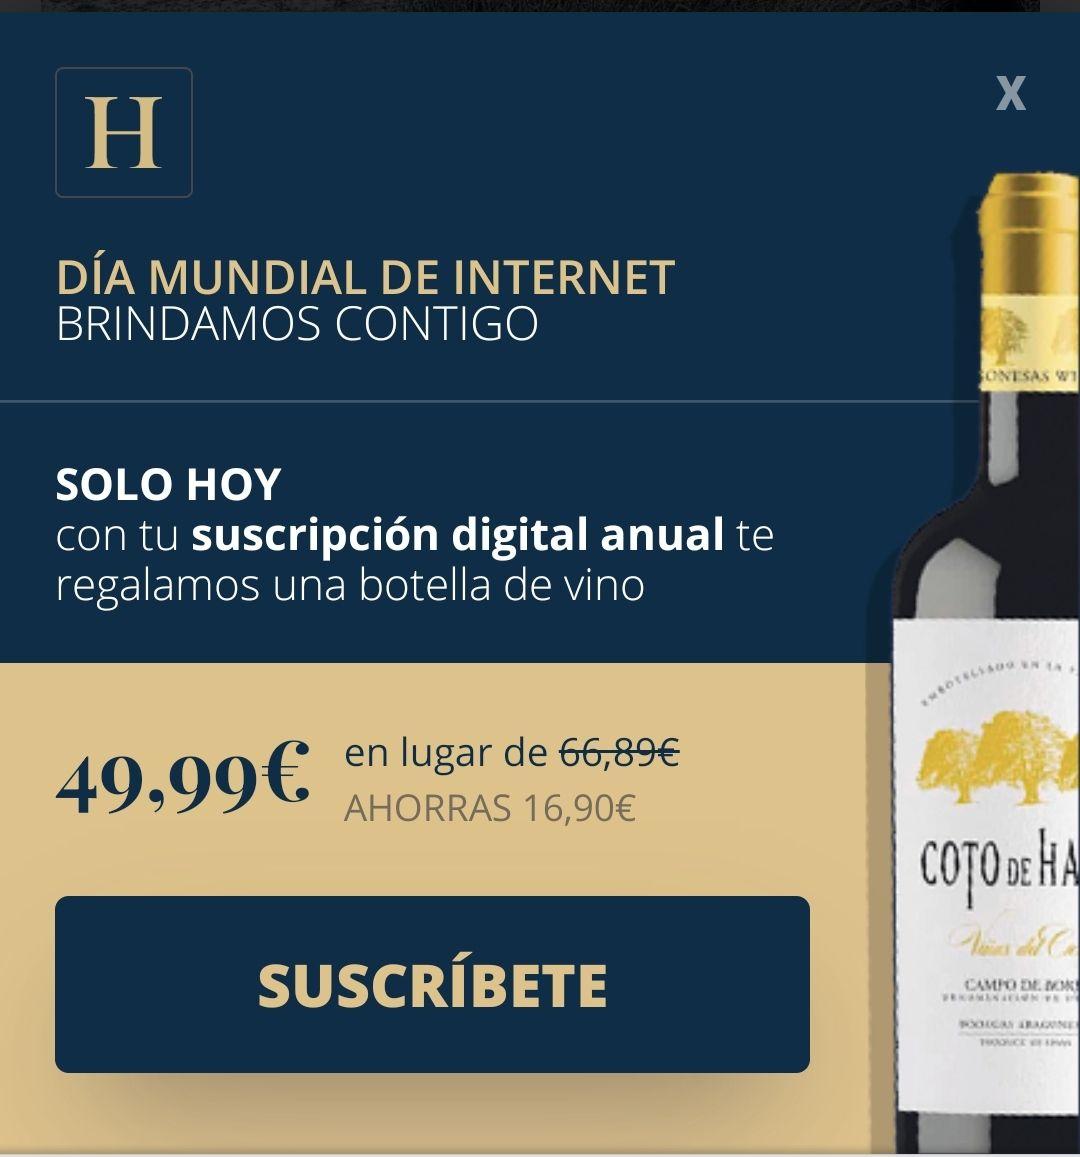 Subscripción anual al Heraldo de Aragón -web- con botella de Vino gratis. Sólo hoy